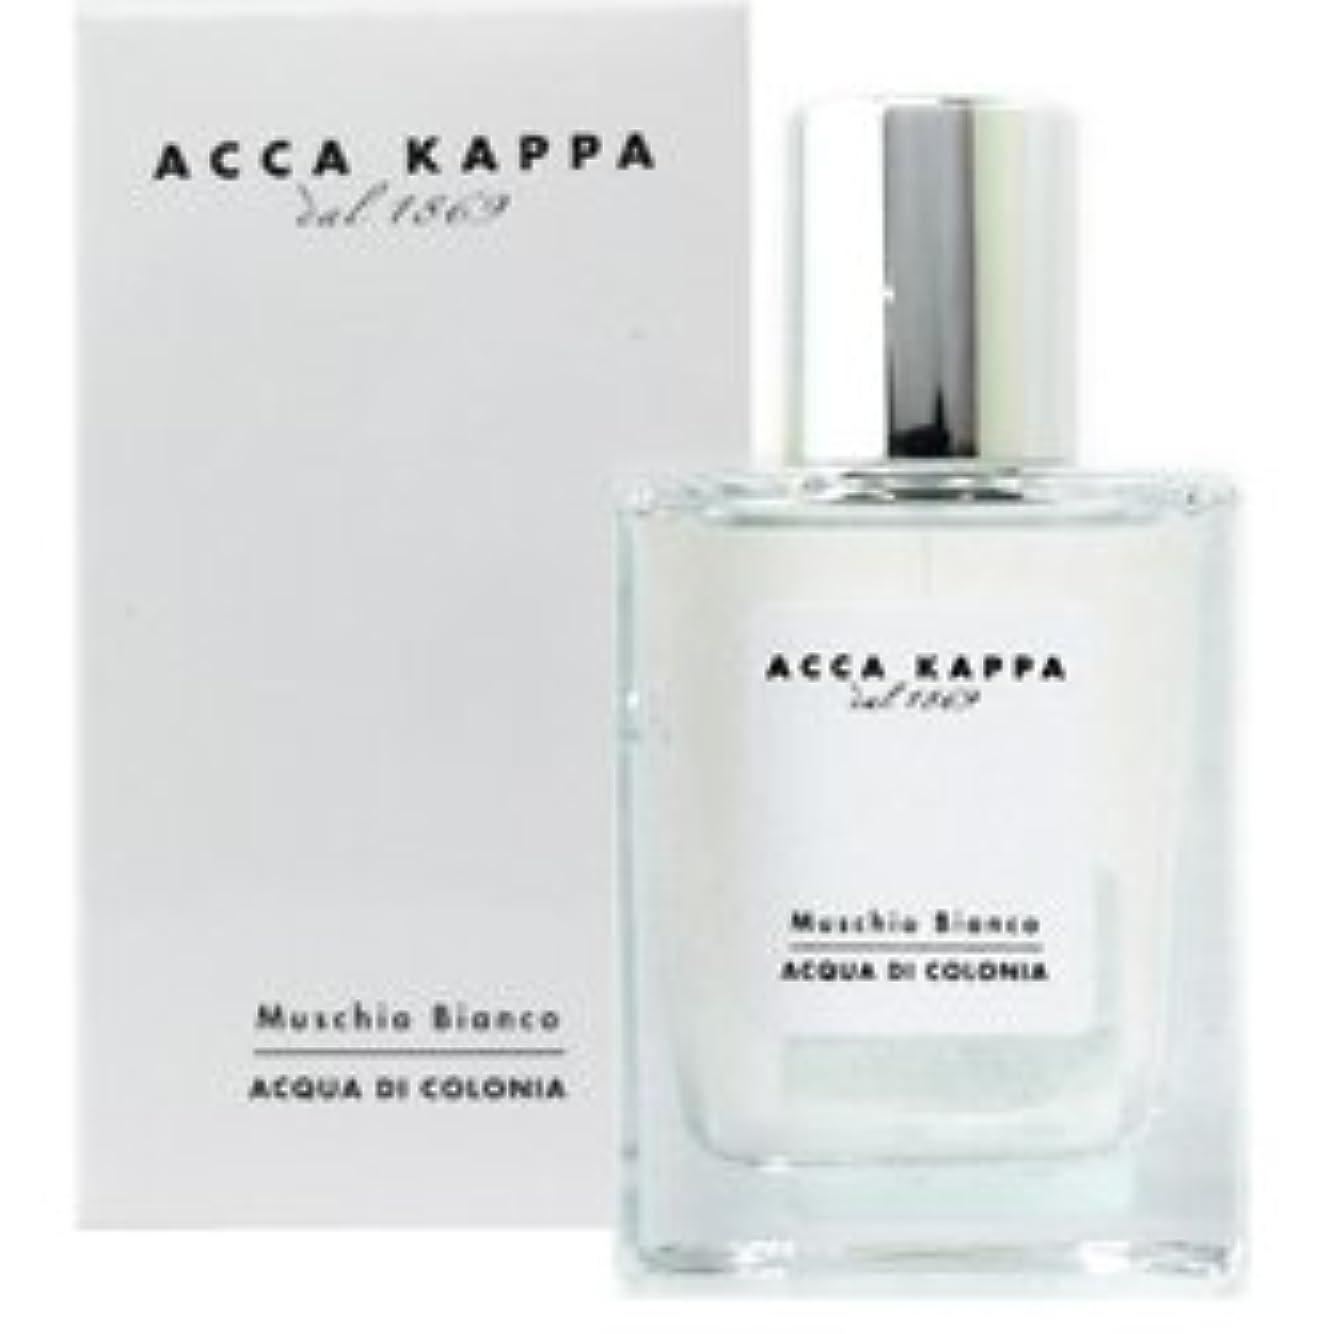 熱心なチャット時系列アッカカッパ ACCA KAPPA ホワイトモス オーデコロン EDC SP 50ml [並行輸入品]